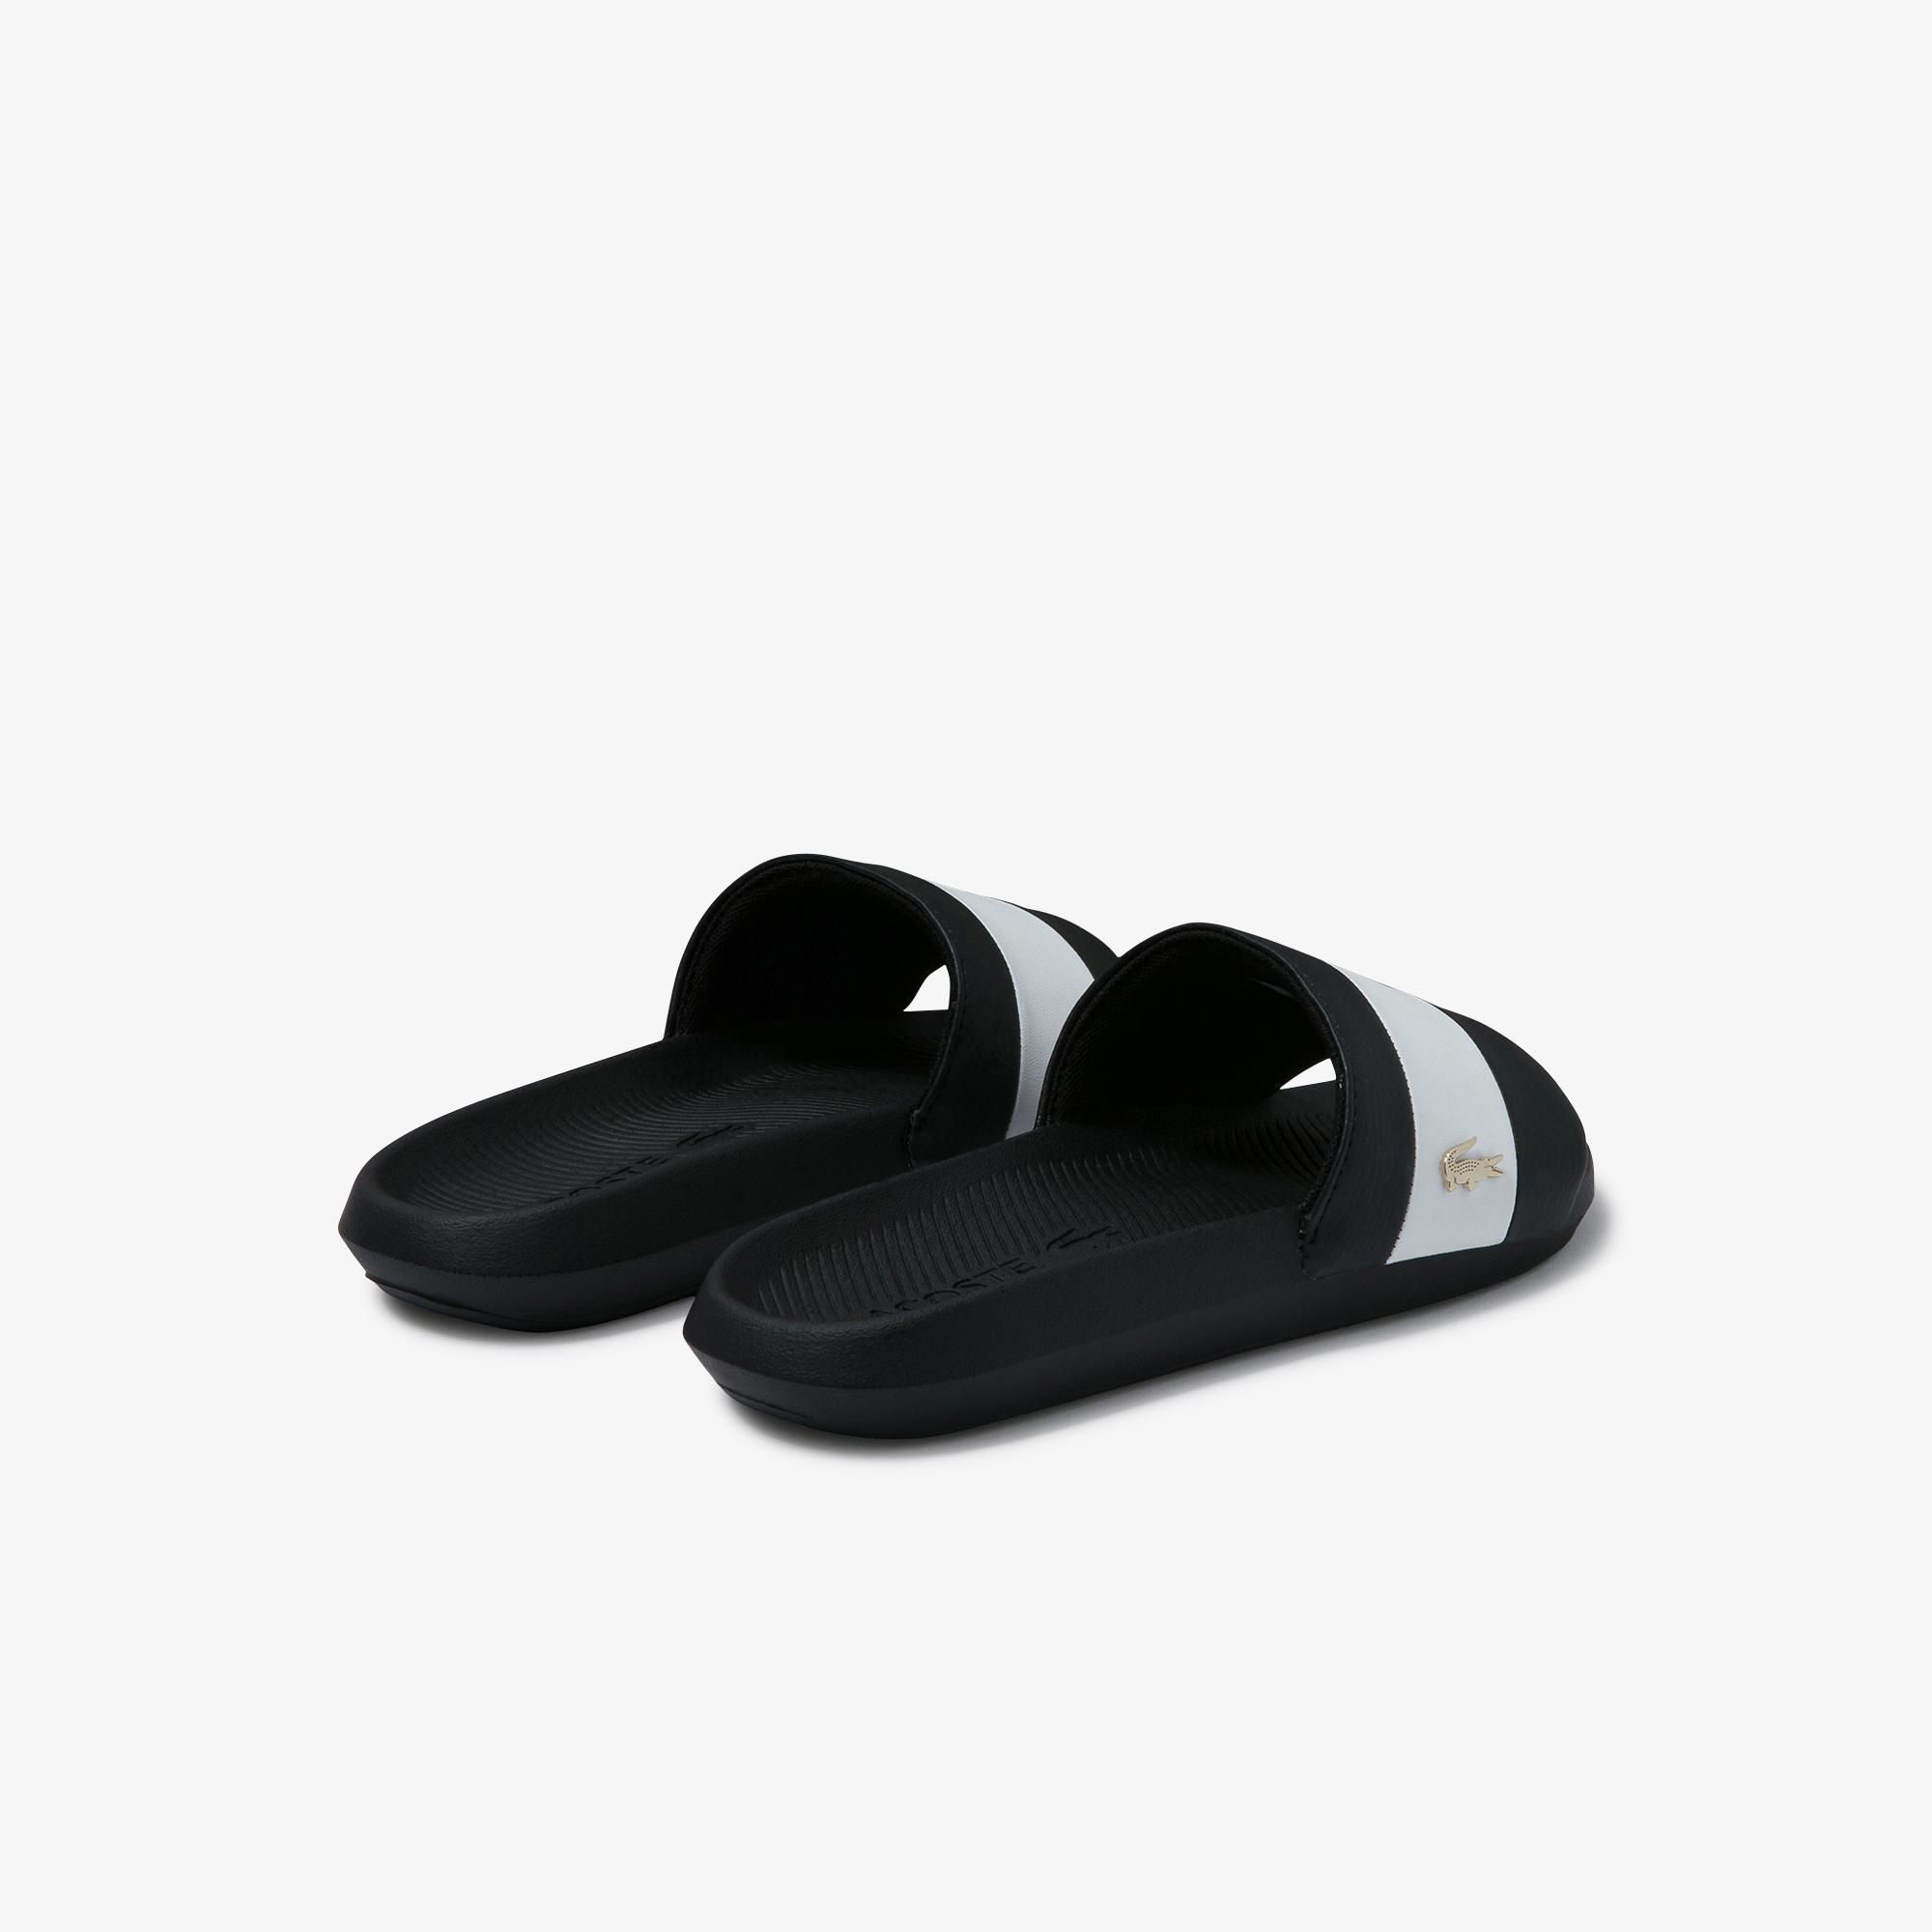 Lacoste Croco Slide 120 3 Us Cfa Kadın Siyah - Beyaz Terlik